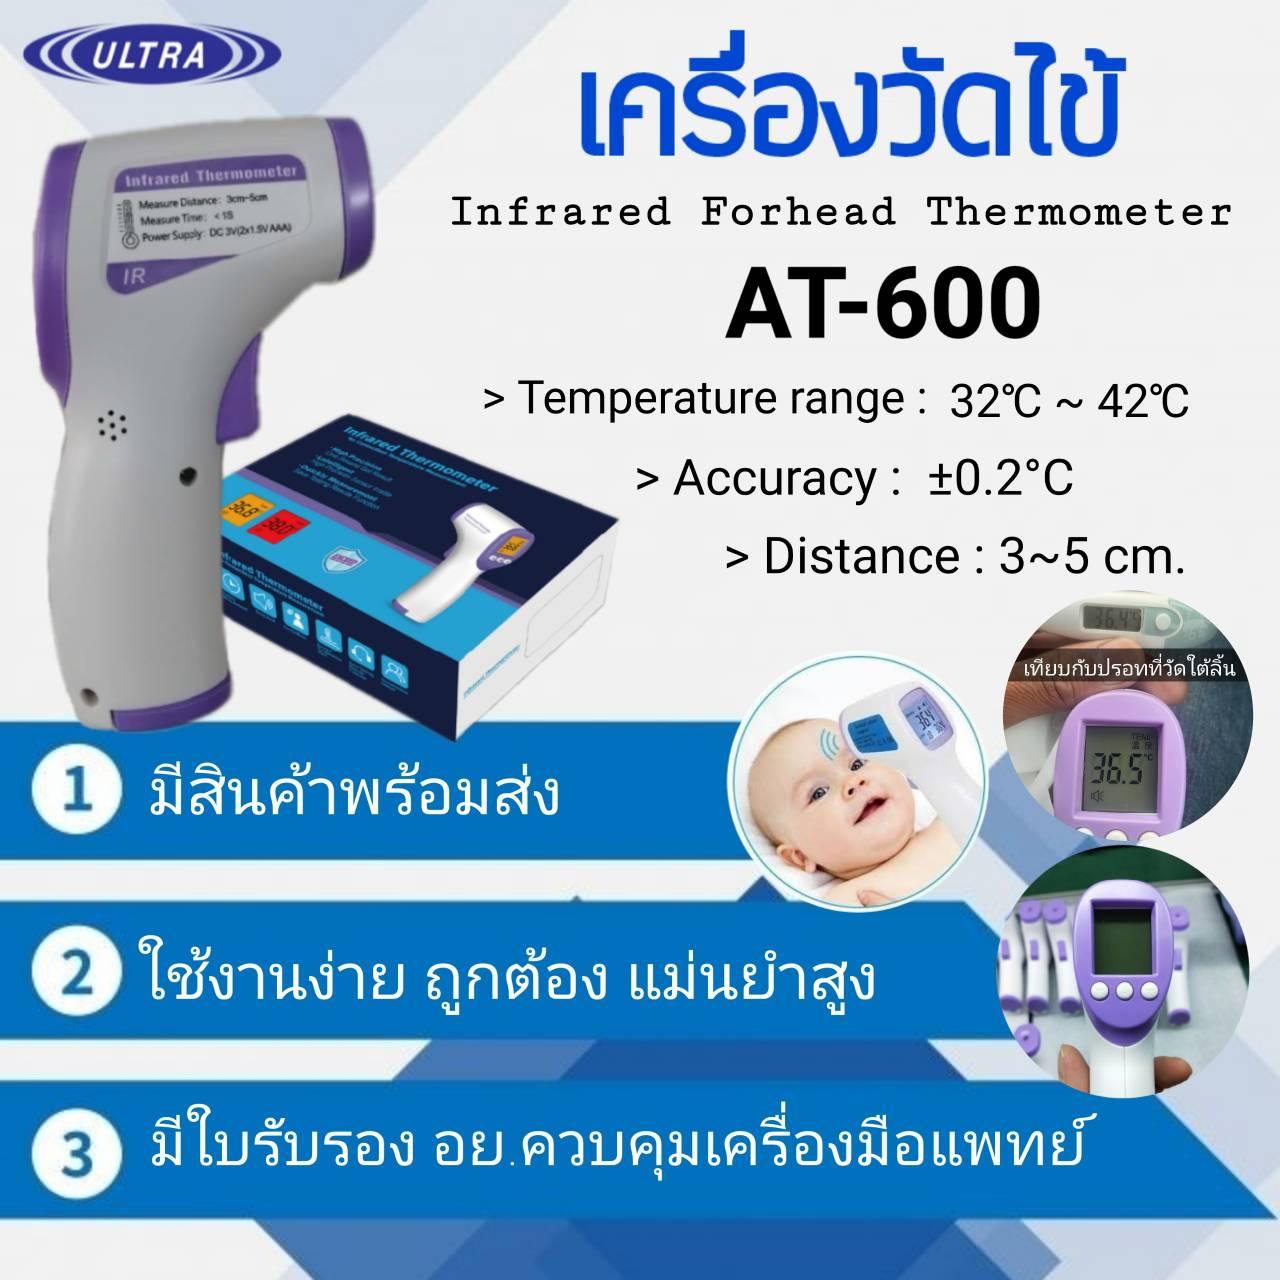 เครื่องวัดไข้ AT600 Infrared Feorhead Thermometer